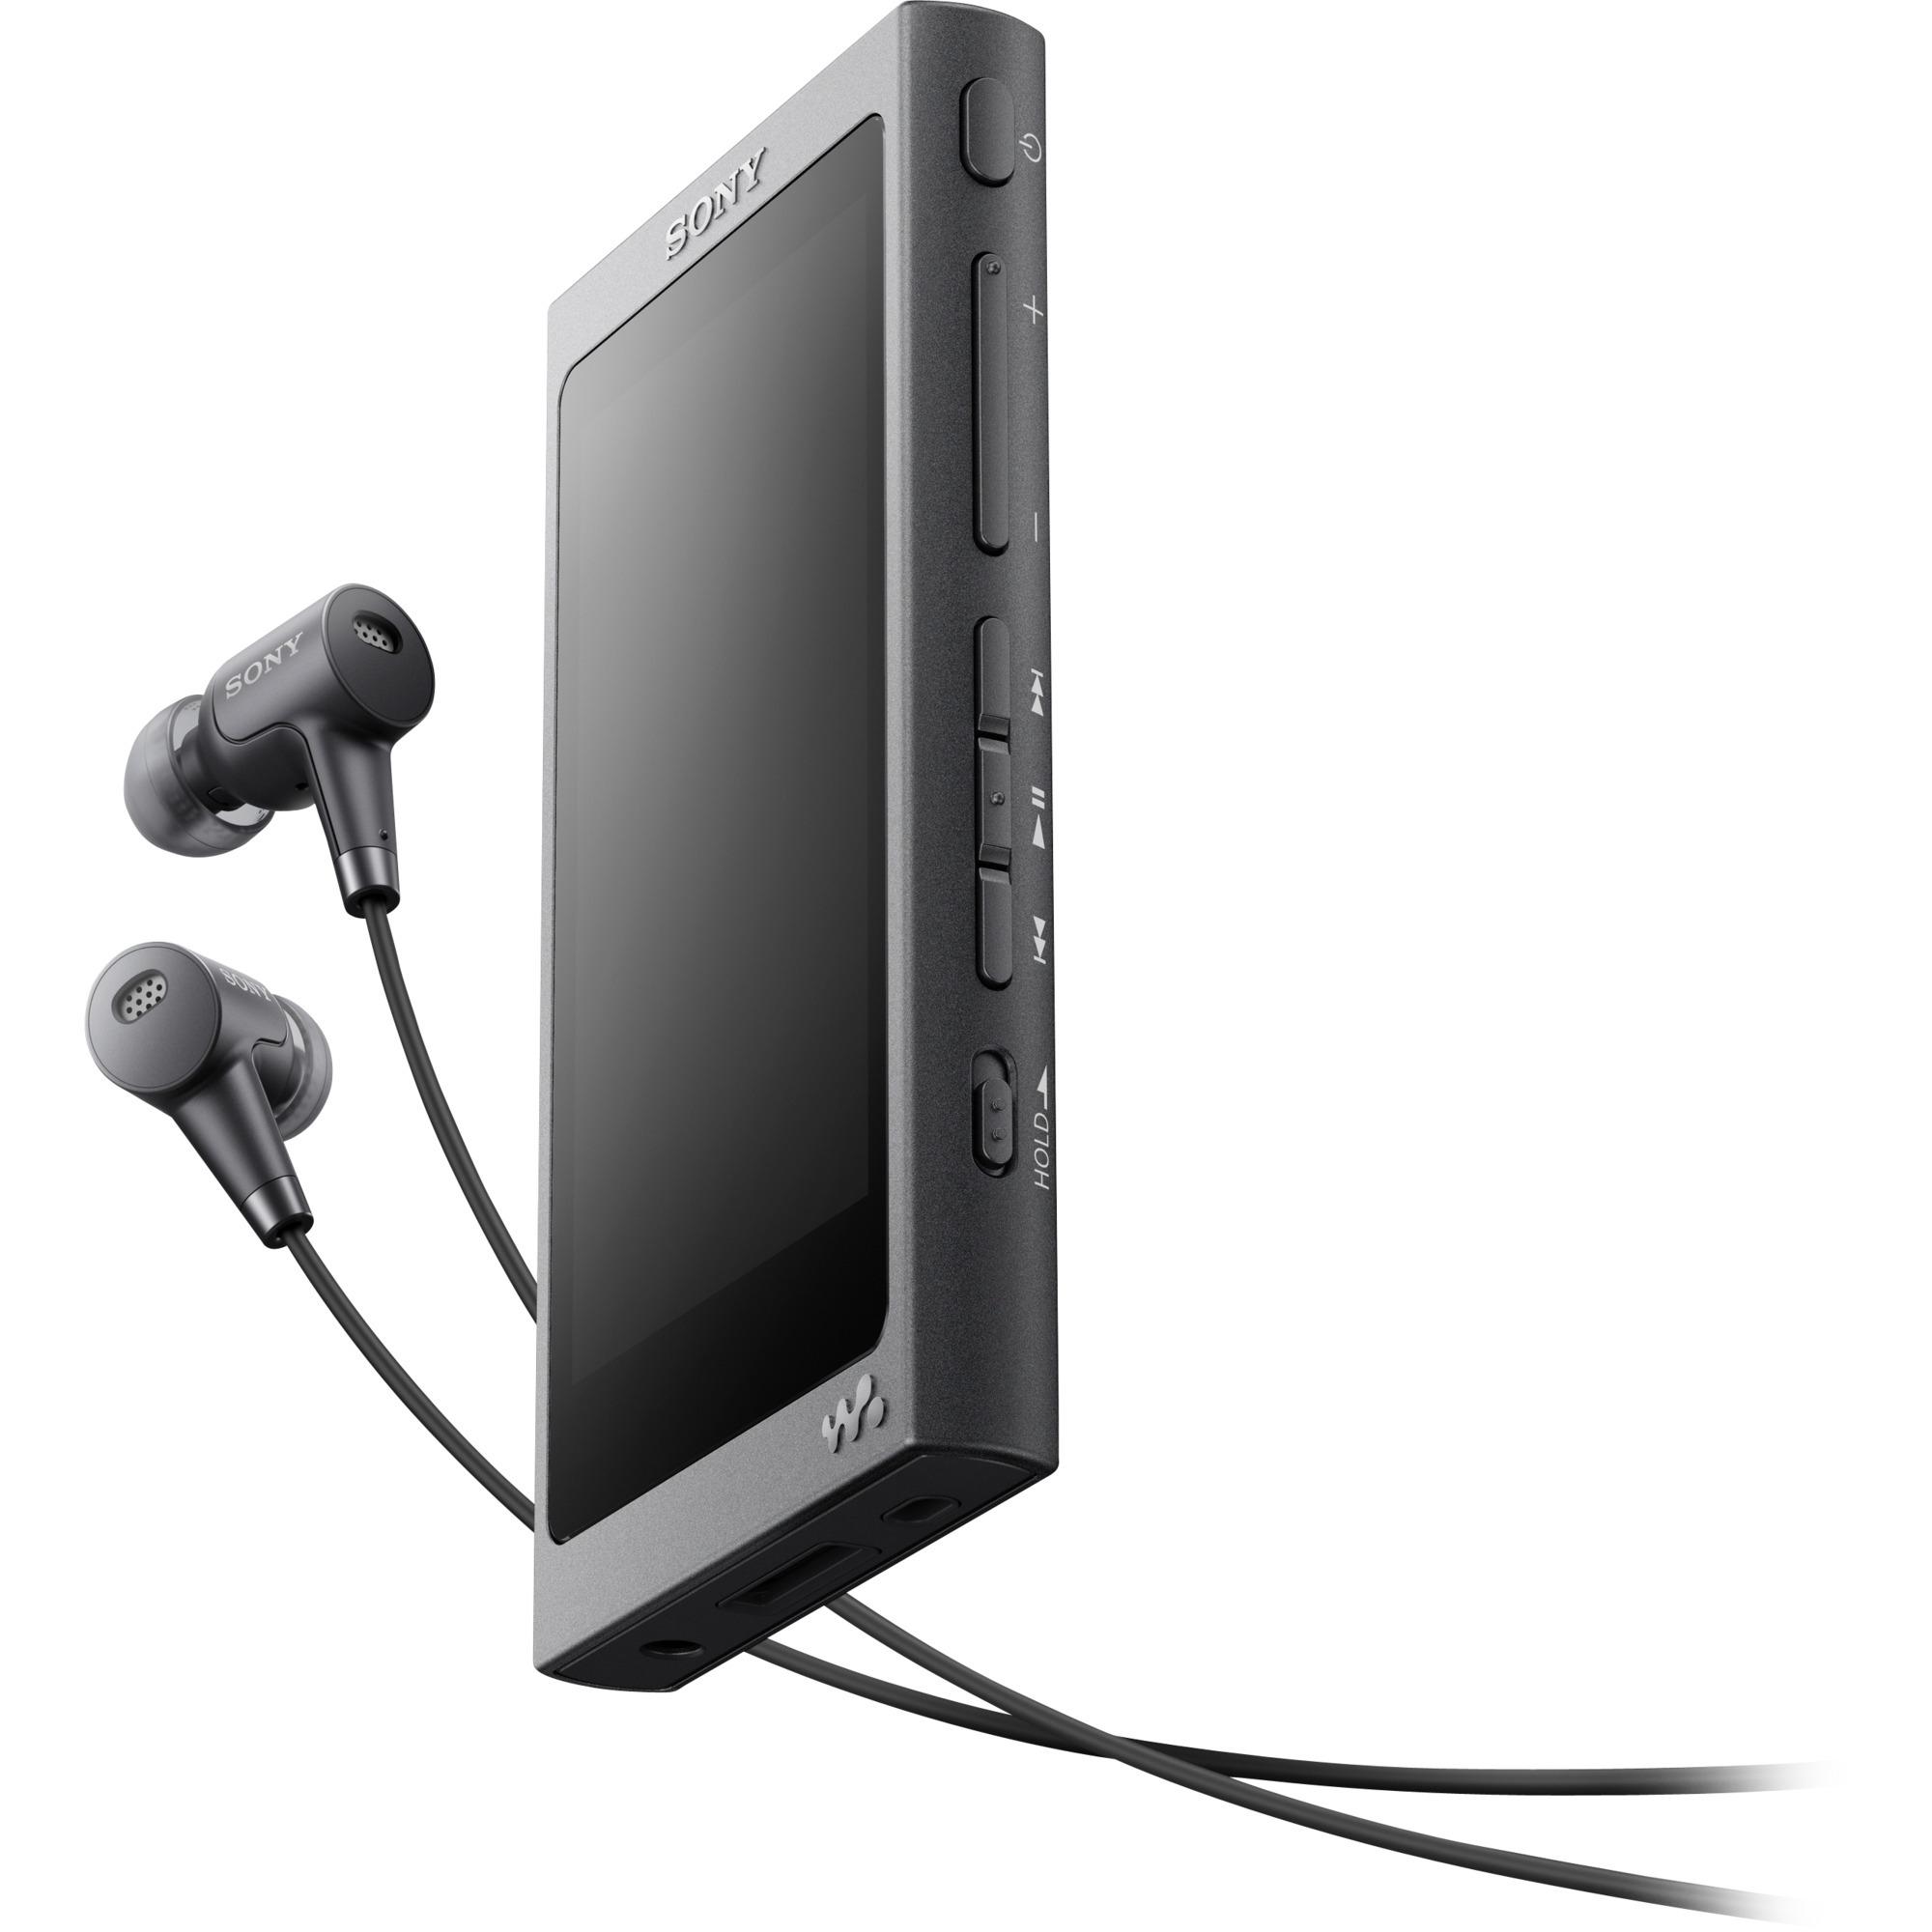 Walkman NW-A35HNB Reproductor de MP4 16GB Negro reproductor MP3/MP4